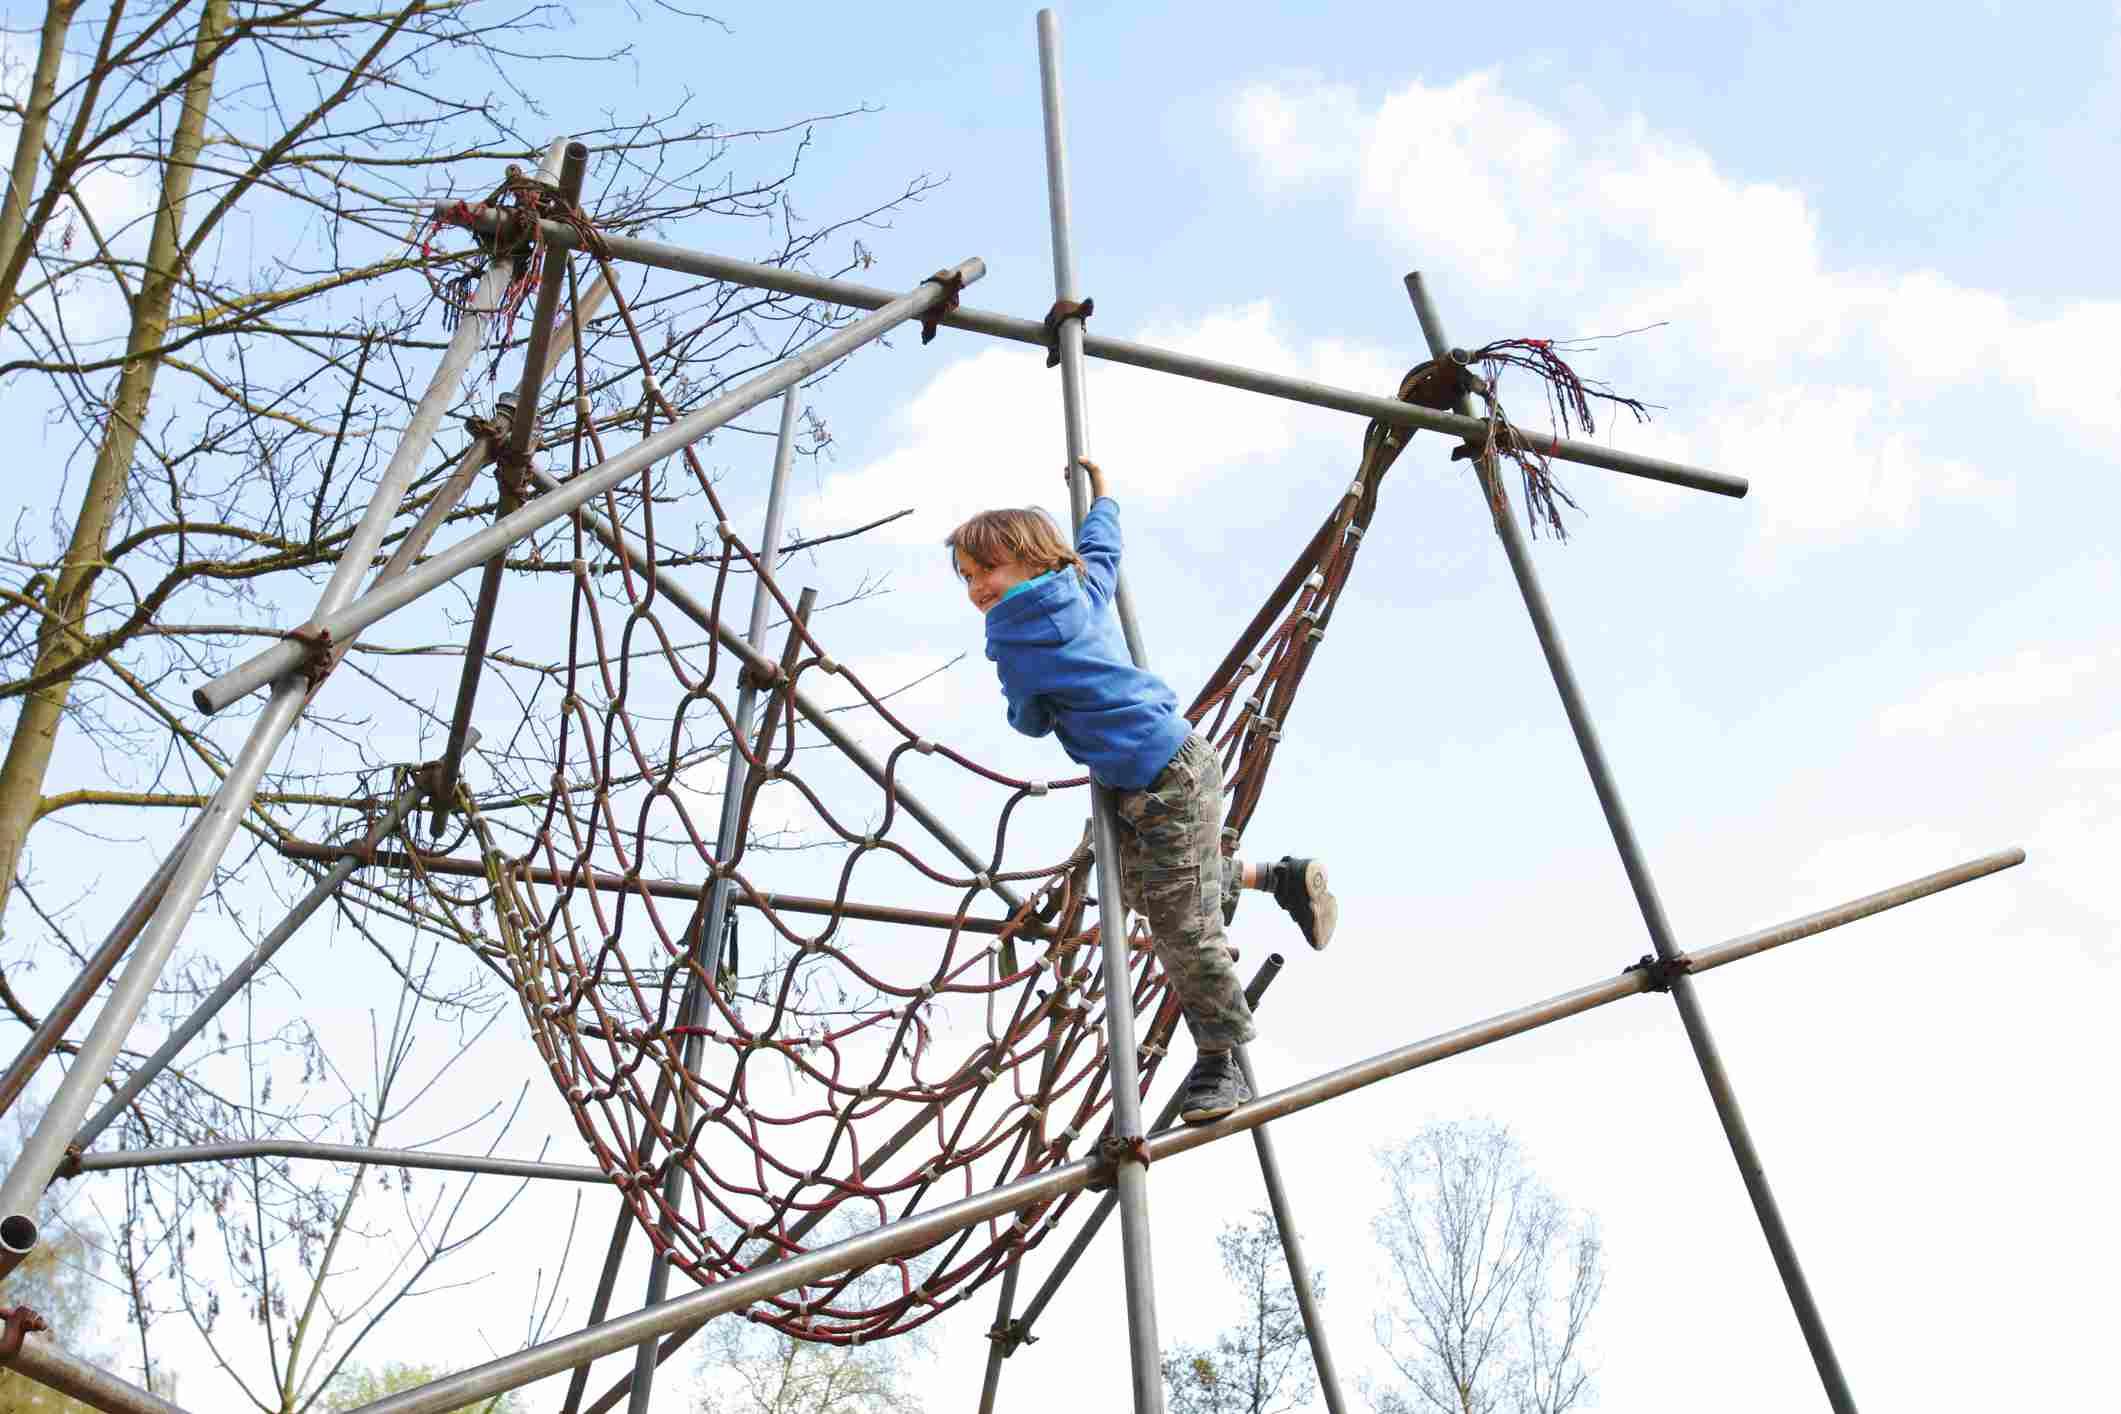 Niño jugando en el parque infantil